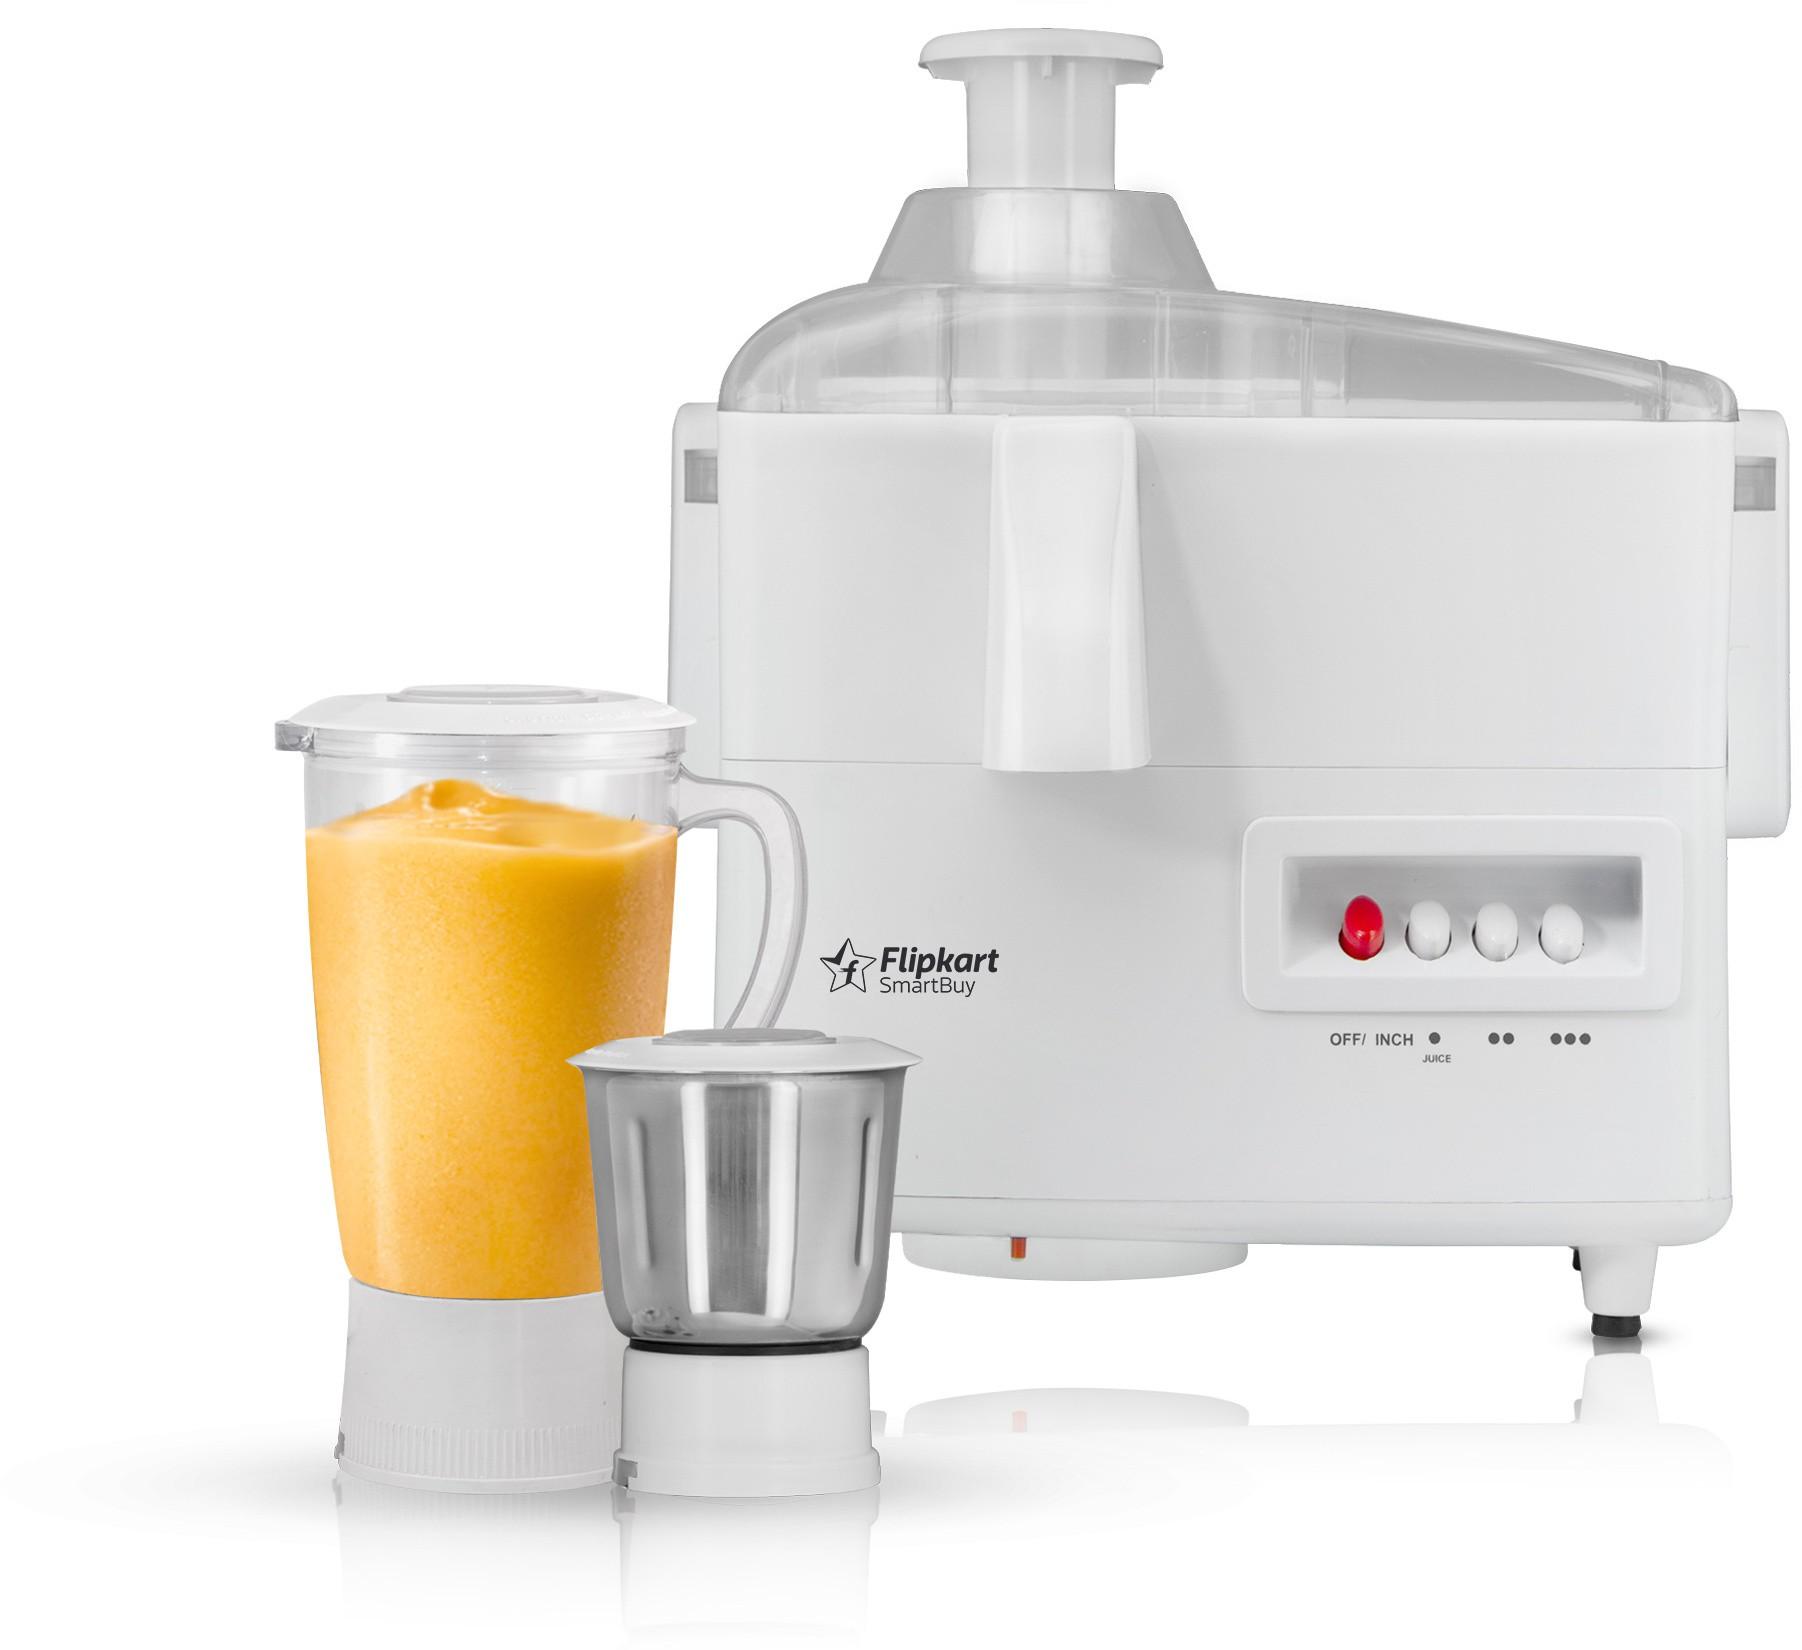 Flipkart SmartBuy 500 W Juicer Mixer Grinder(White, 2 Jars)